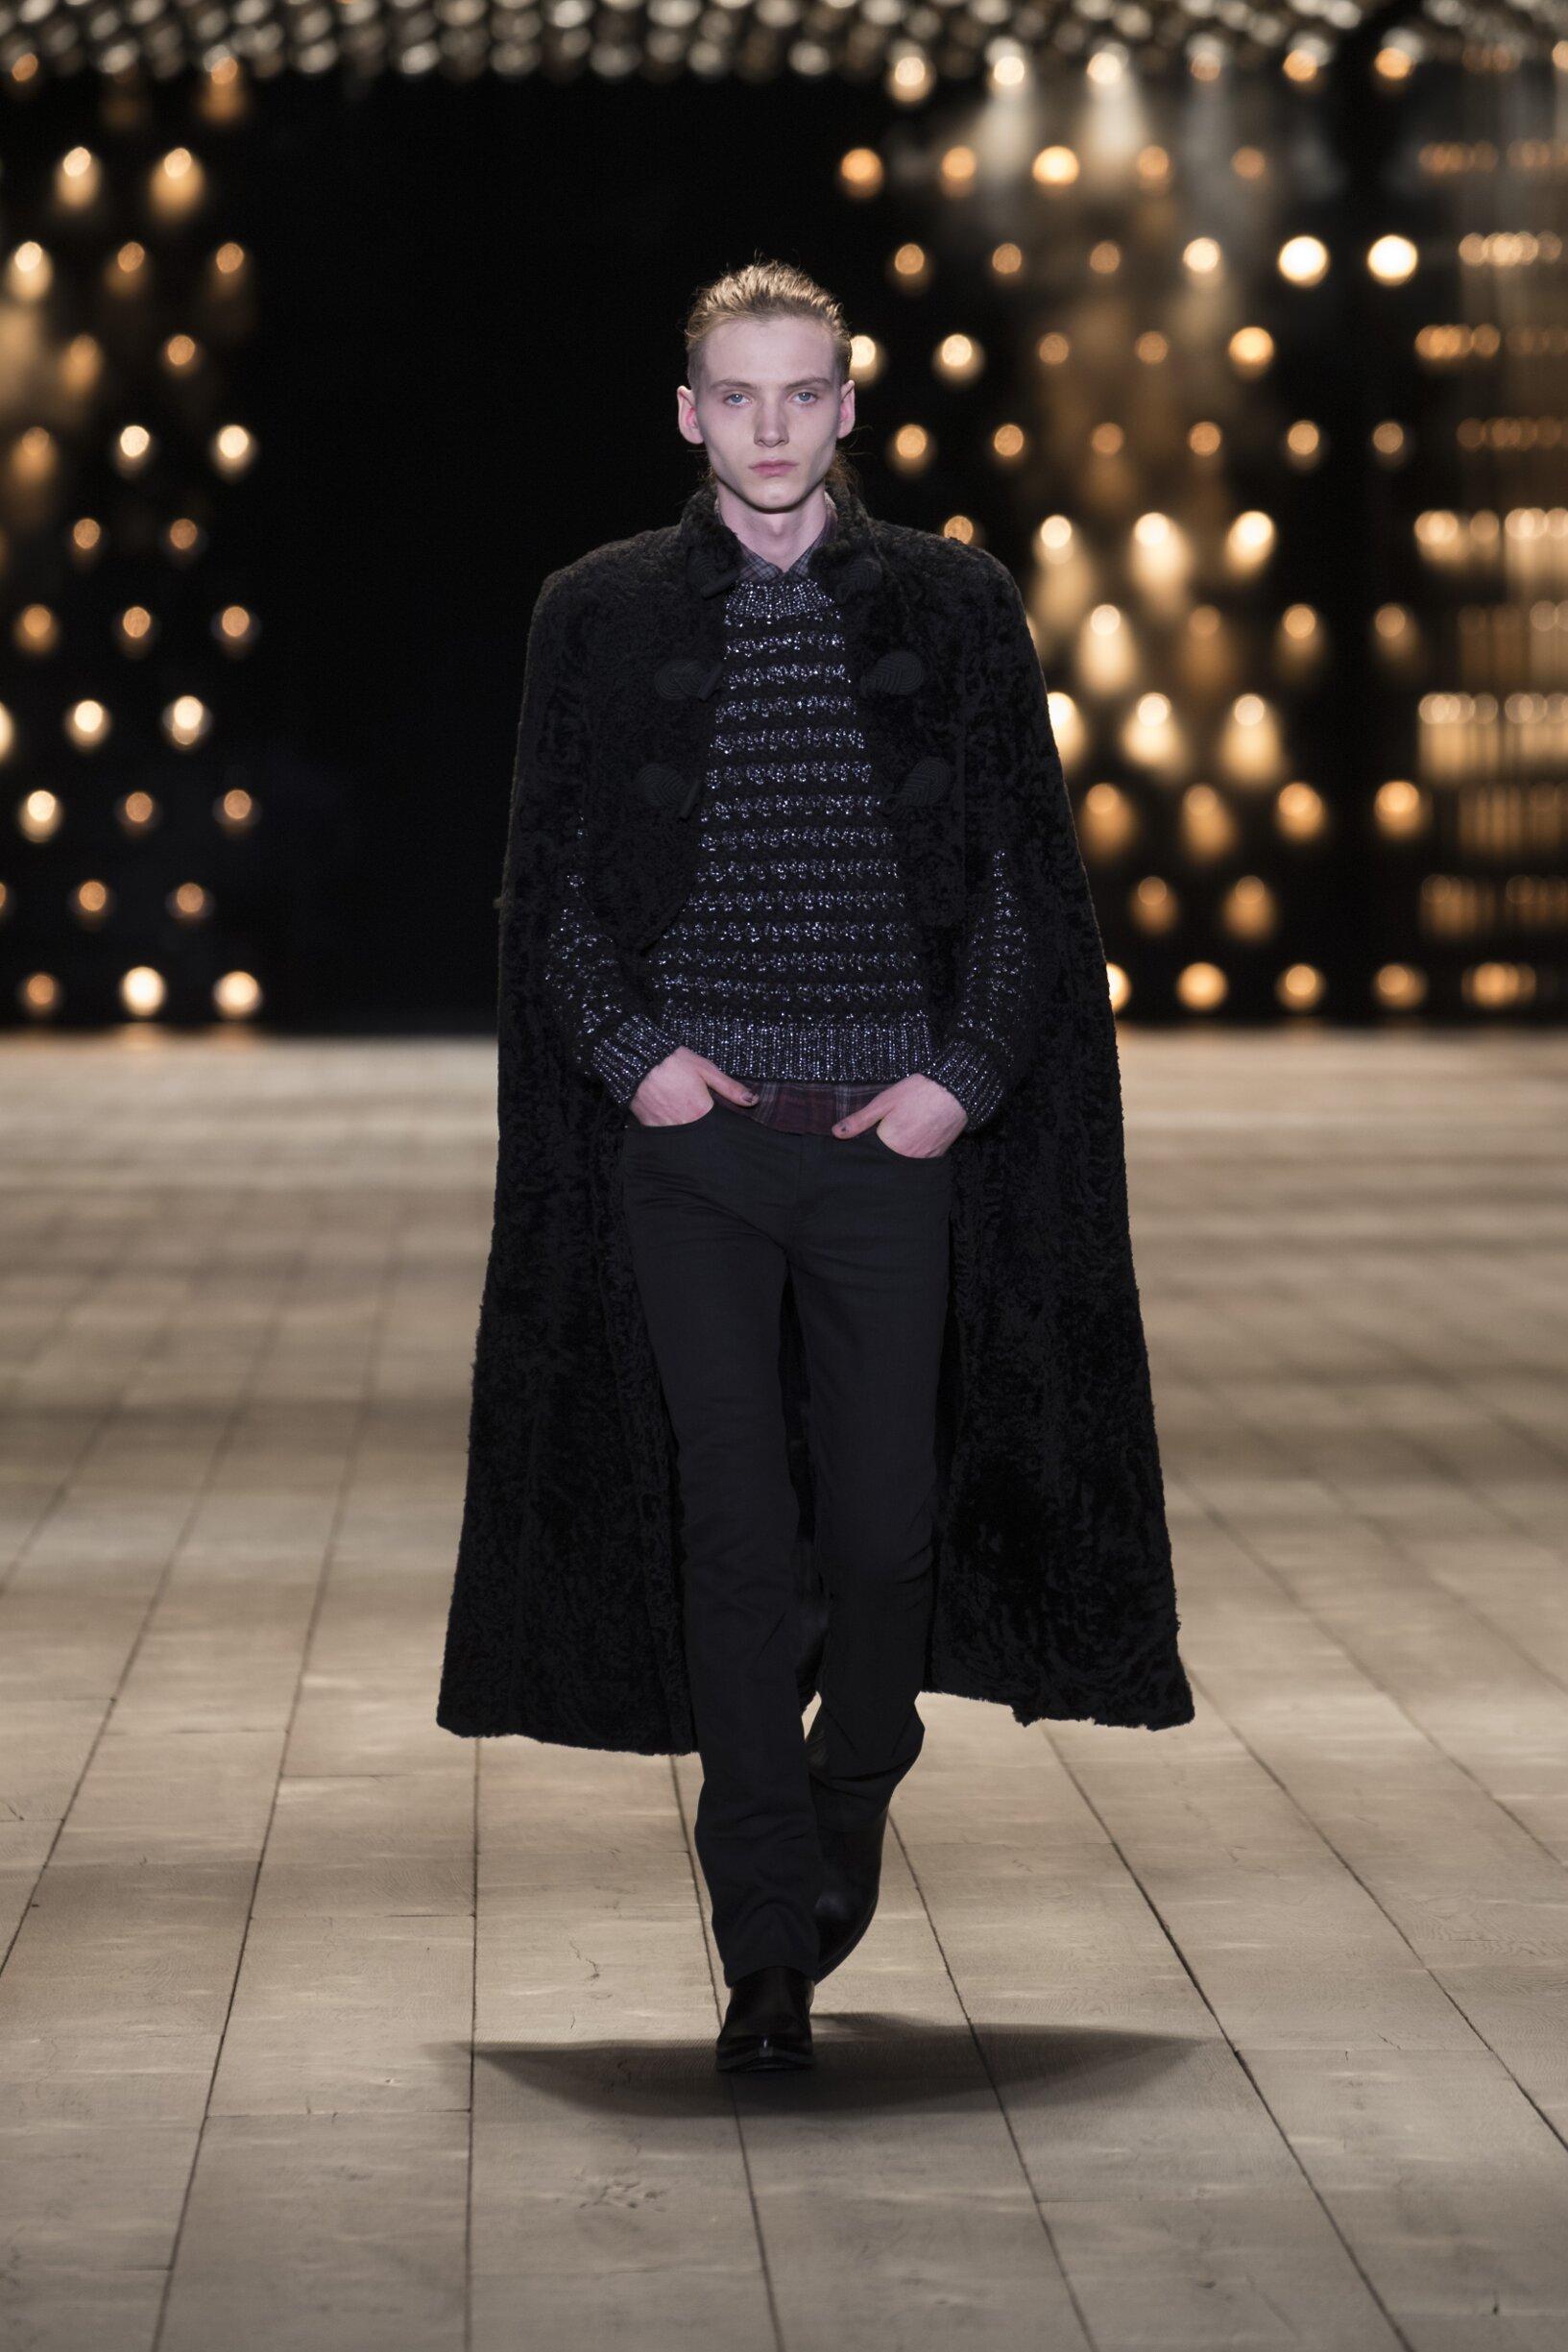 2018 Catwalk Saint Laurent Woman Fashion Show Winter